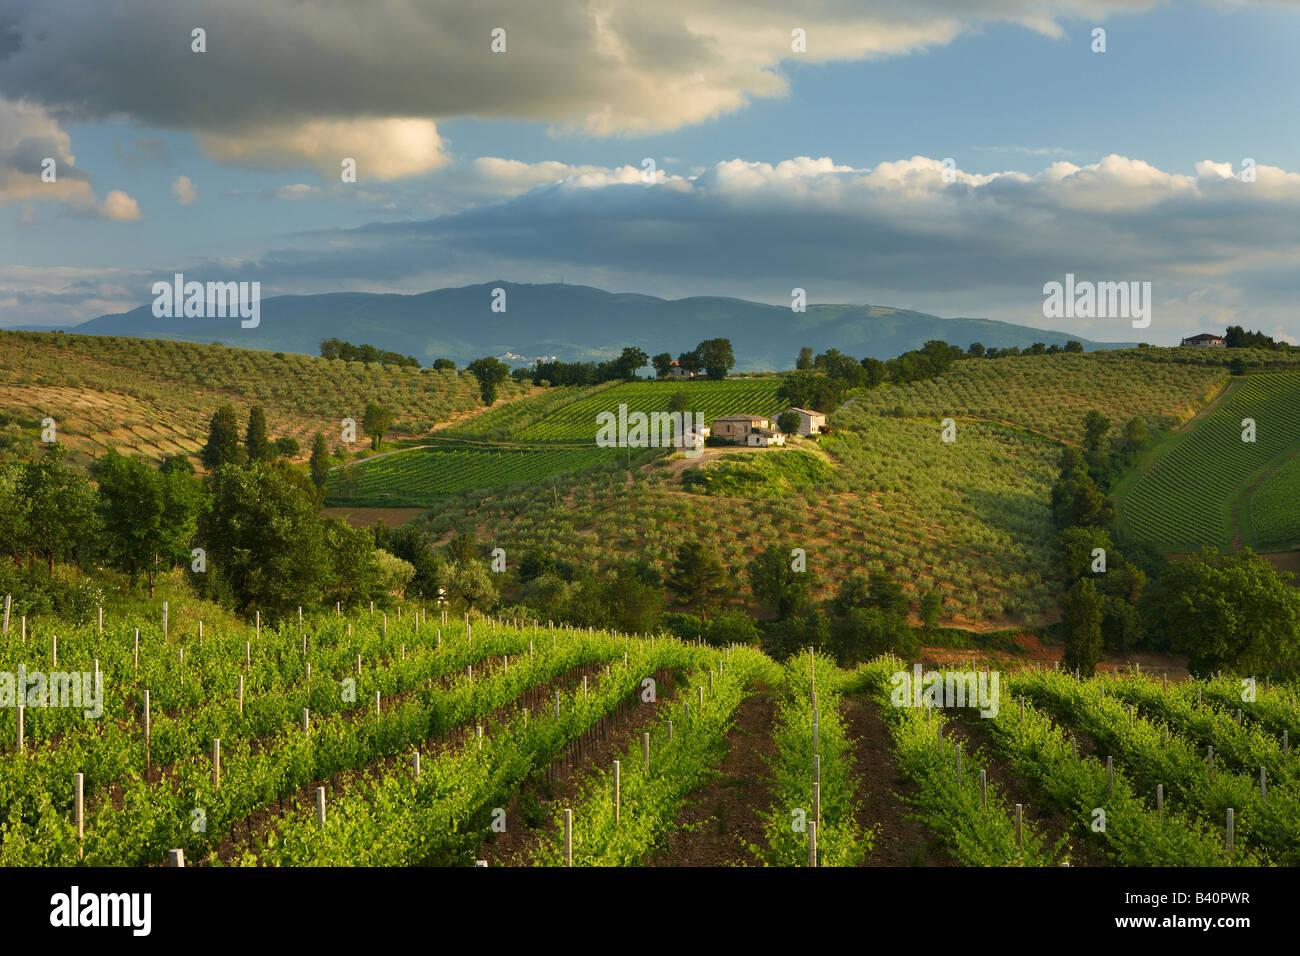 ein Weinberg in der Nähe von Montefalco im Val di Spoleto, Umbrien, Italien Stockbild